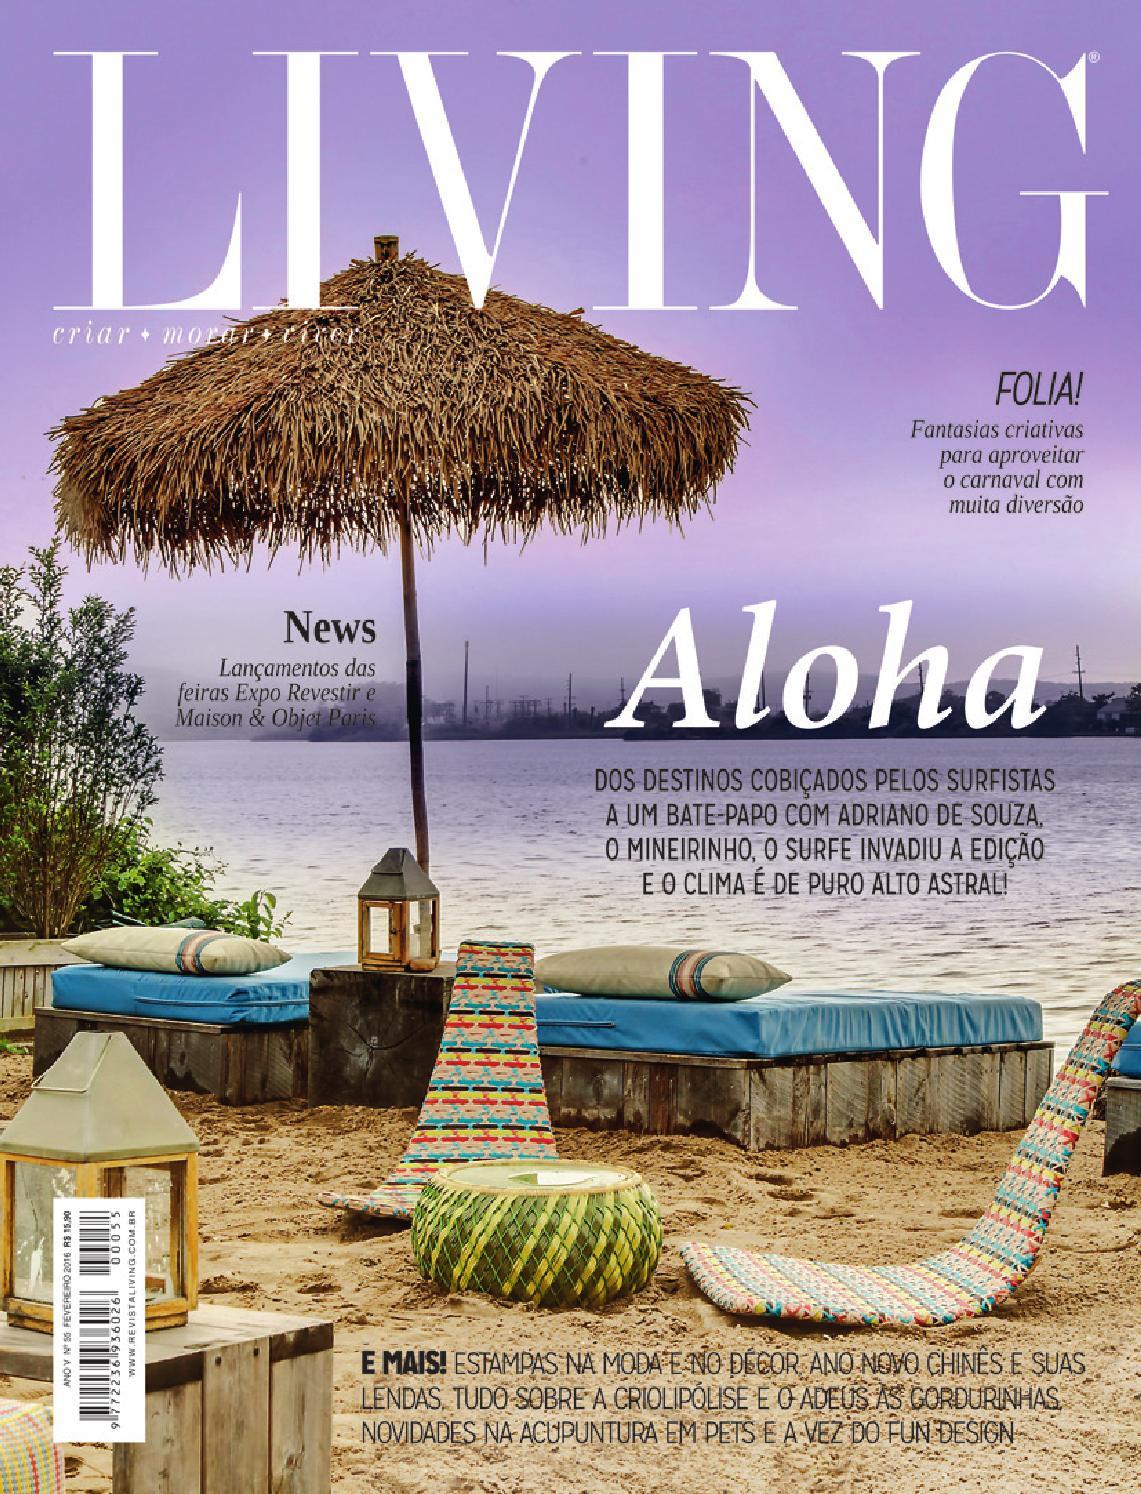 Revista Living - Edição nº55 - Fevereiro de 2016 by Revista Living - issuu 198126b0fa